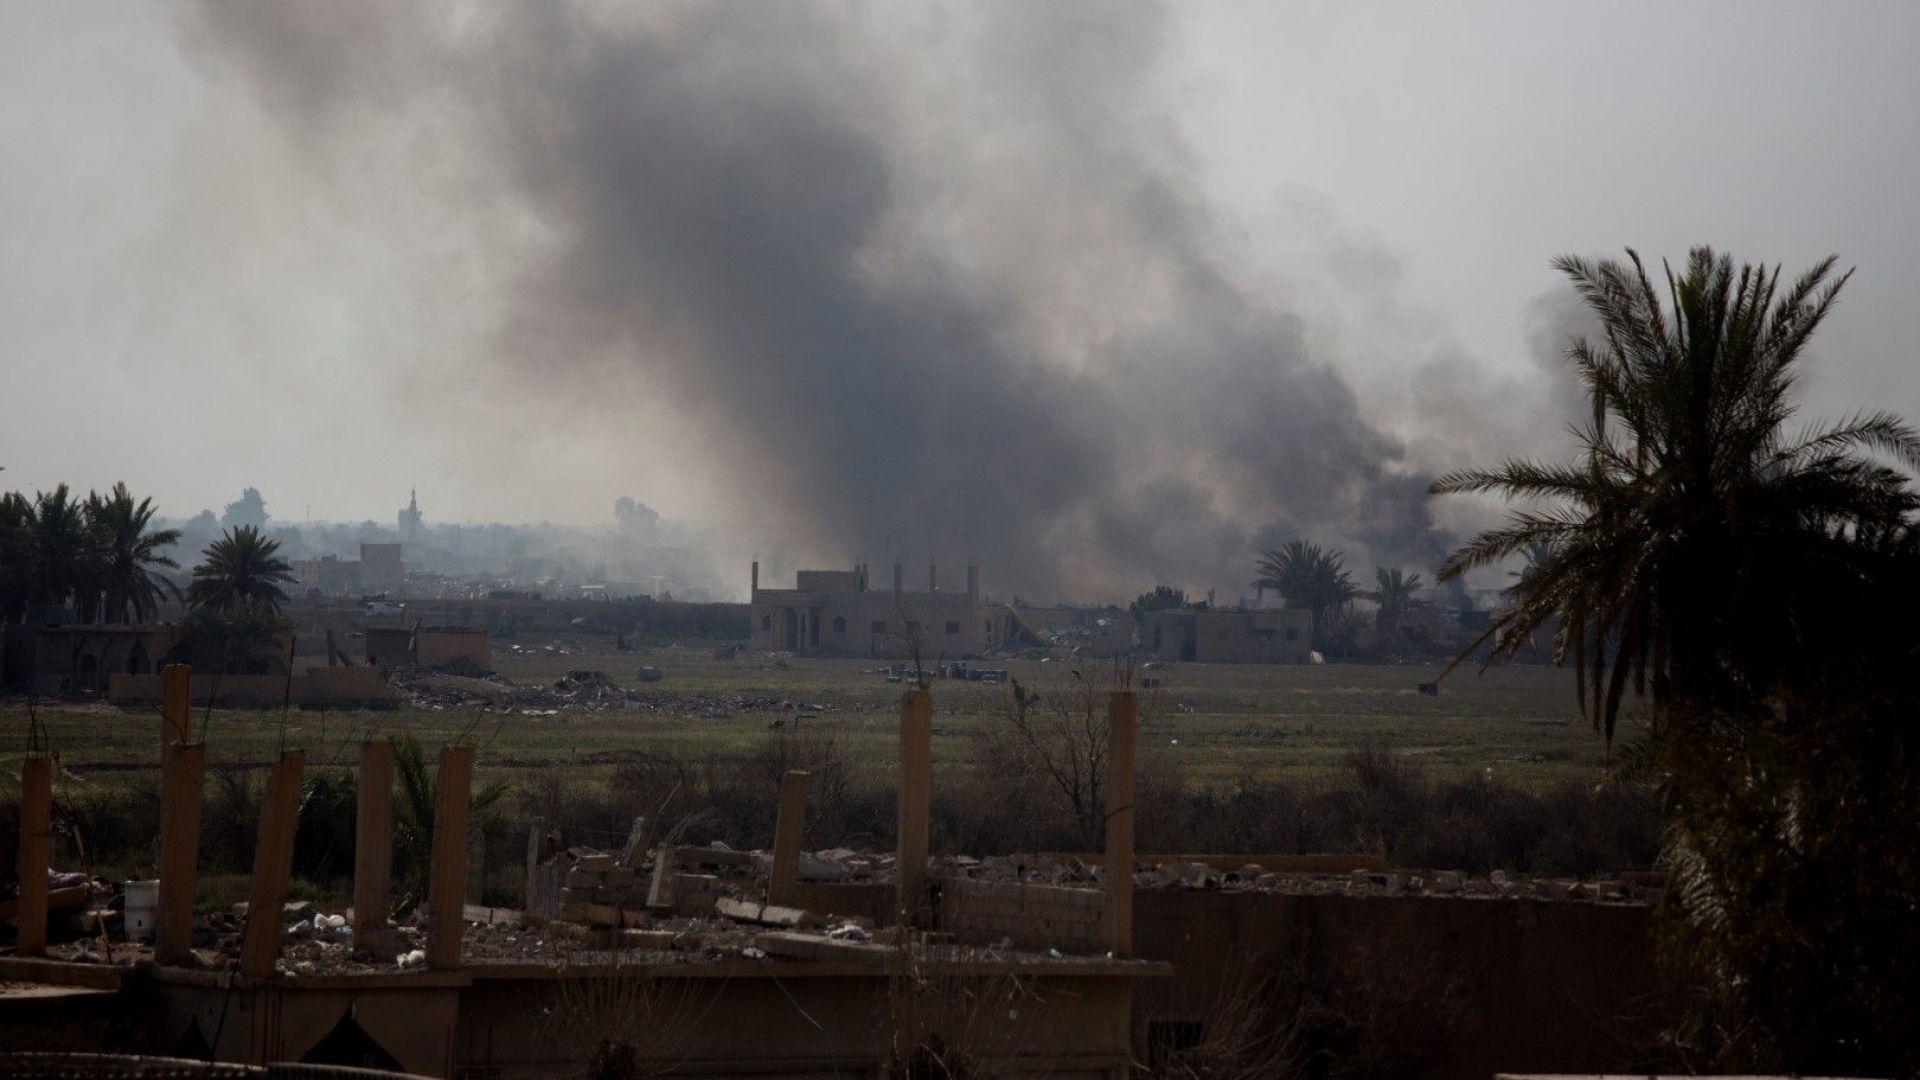 Най-малко 13 цивилни, включително 6 деца, са убити  при руски въздушни удари в Идлиб